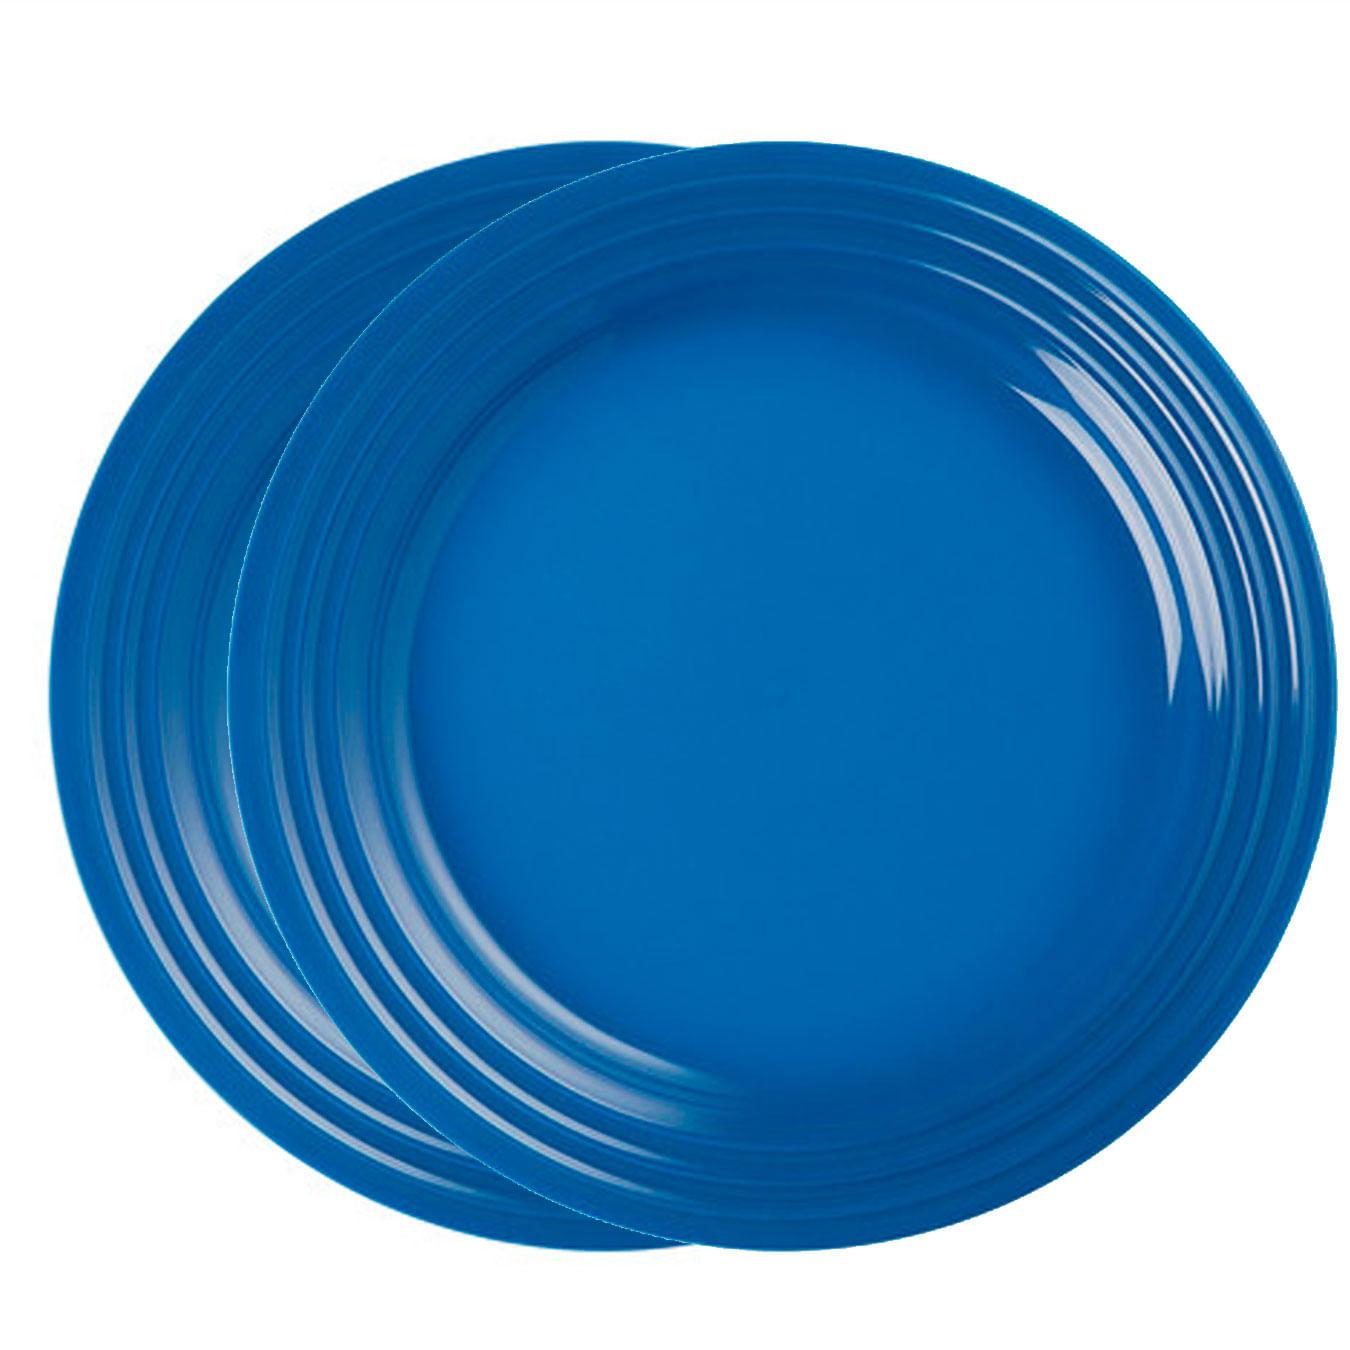 Prato Redondo Raso 27 cm Azul Marseille 2 Peças Le Creuset